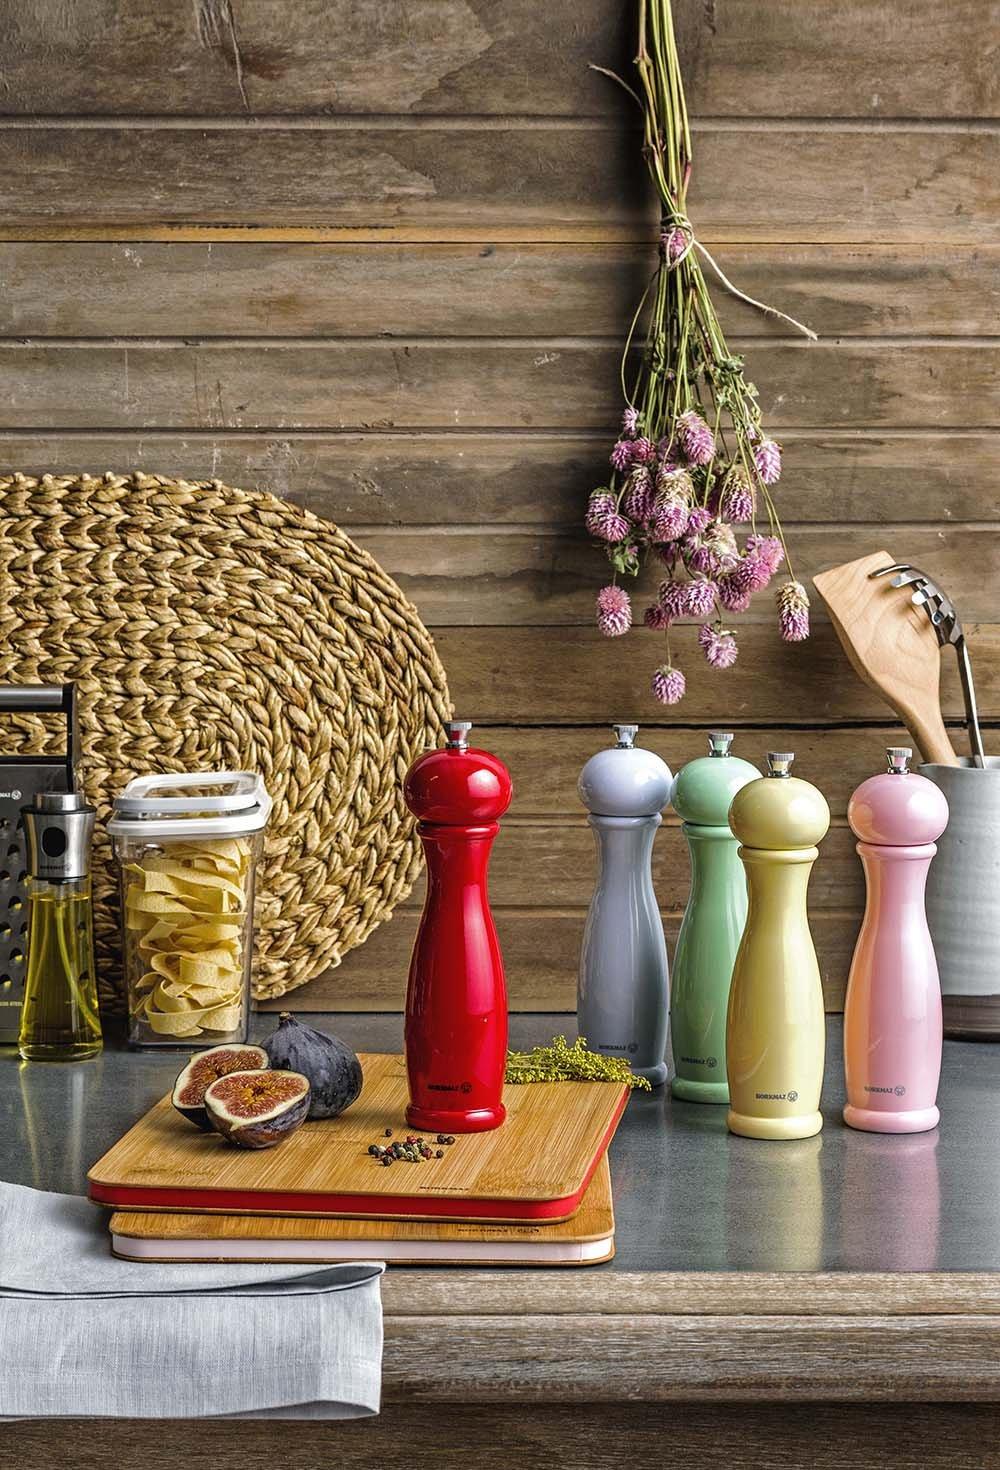 Amazon.com: Korkmaz High-End Salt&Pepper Grinder Set with Stainless Steel Bottom and Ceramic Grinder (Pink): Kitchen & Dining